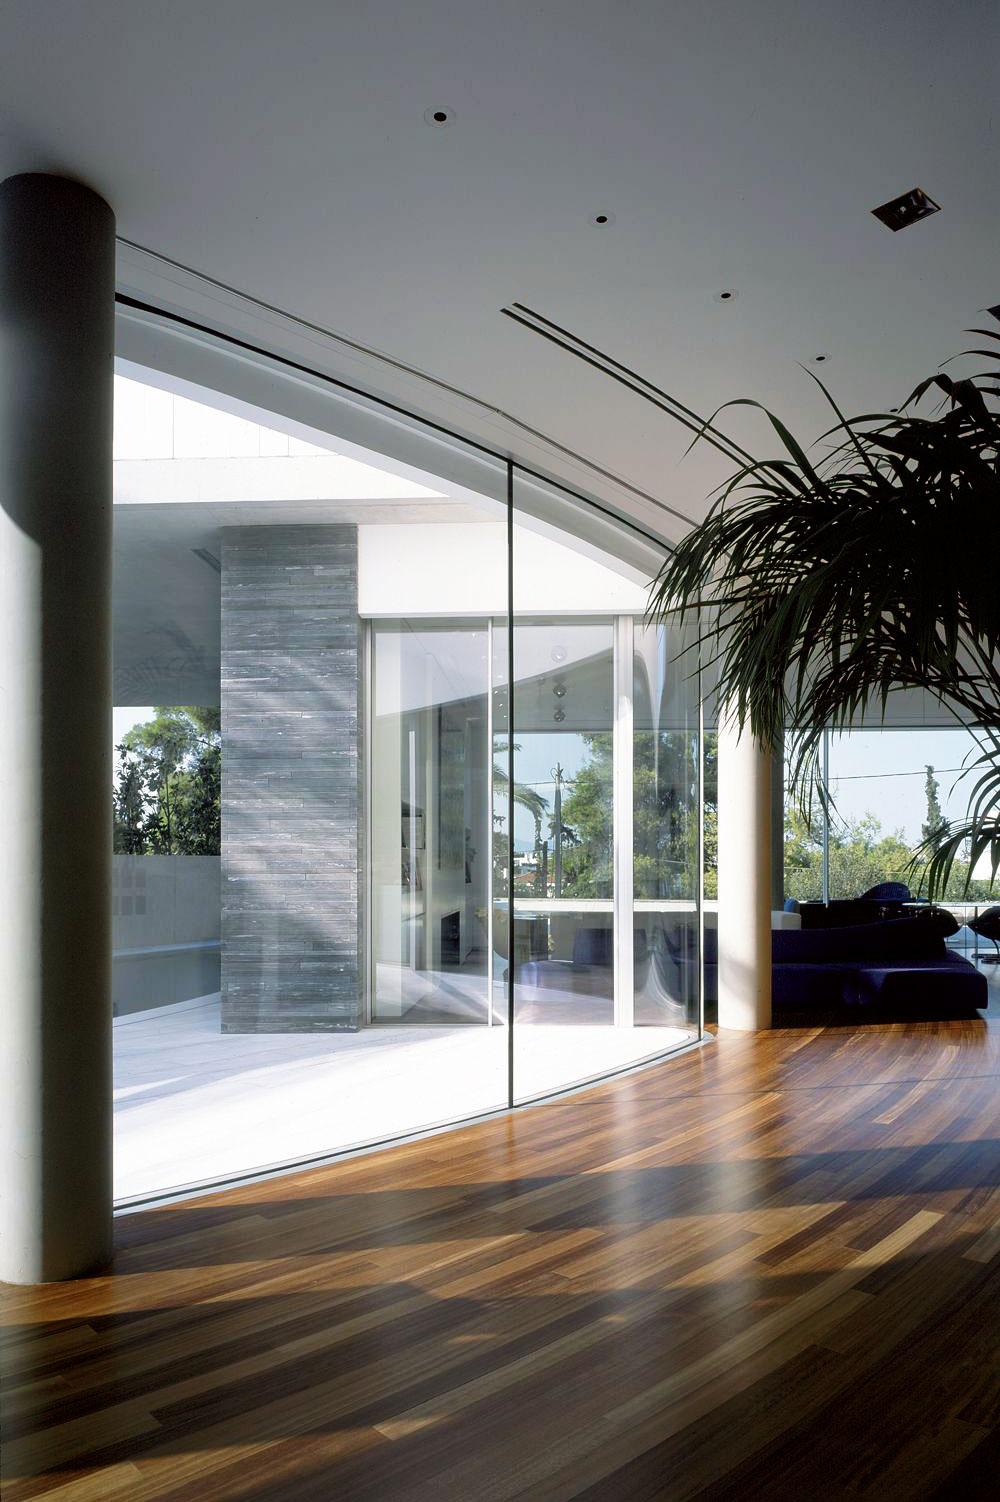 Erfreut Design Haus Residence Song Von Atelierii Ideen - Die ...